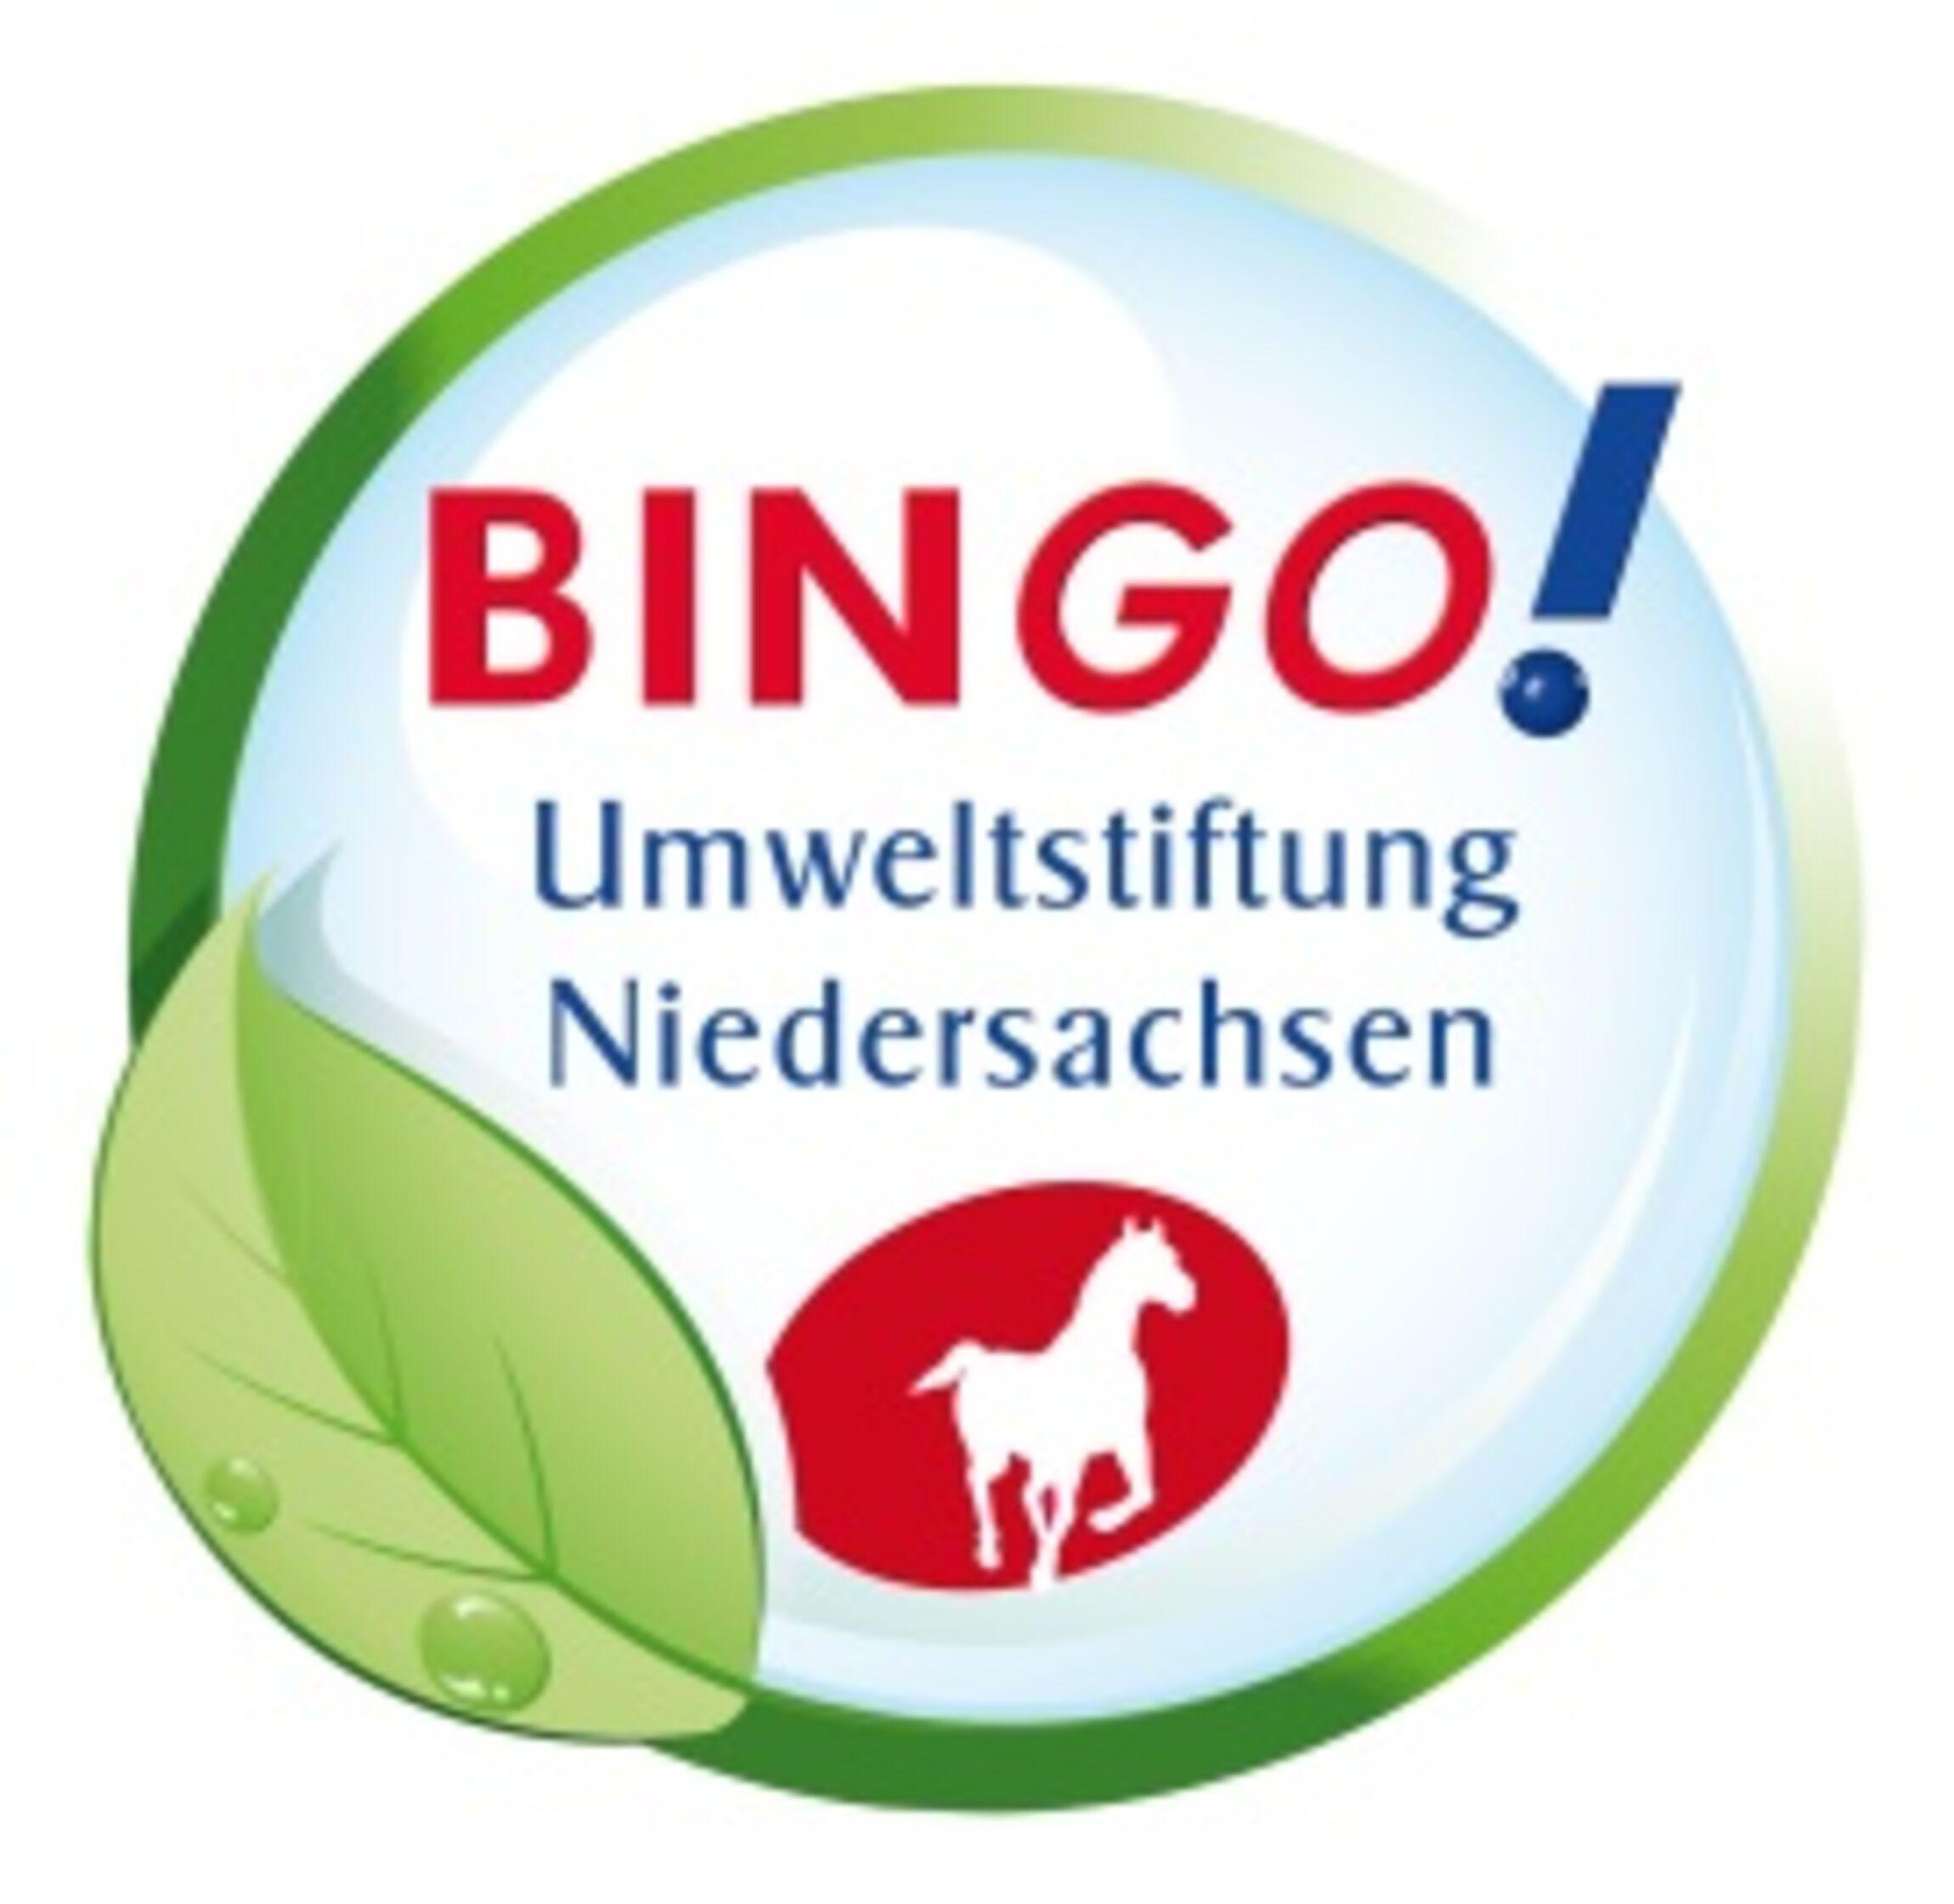 Niedersächsische Bingo Umwelttiftung fördert Friedhofsprojekt in Garmissen